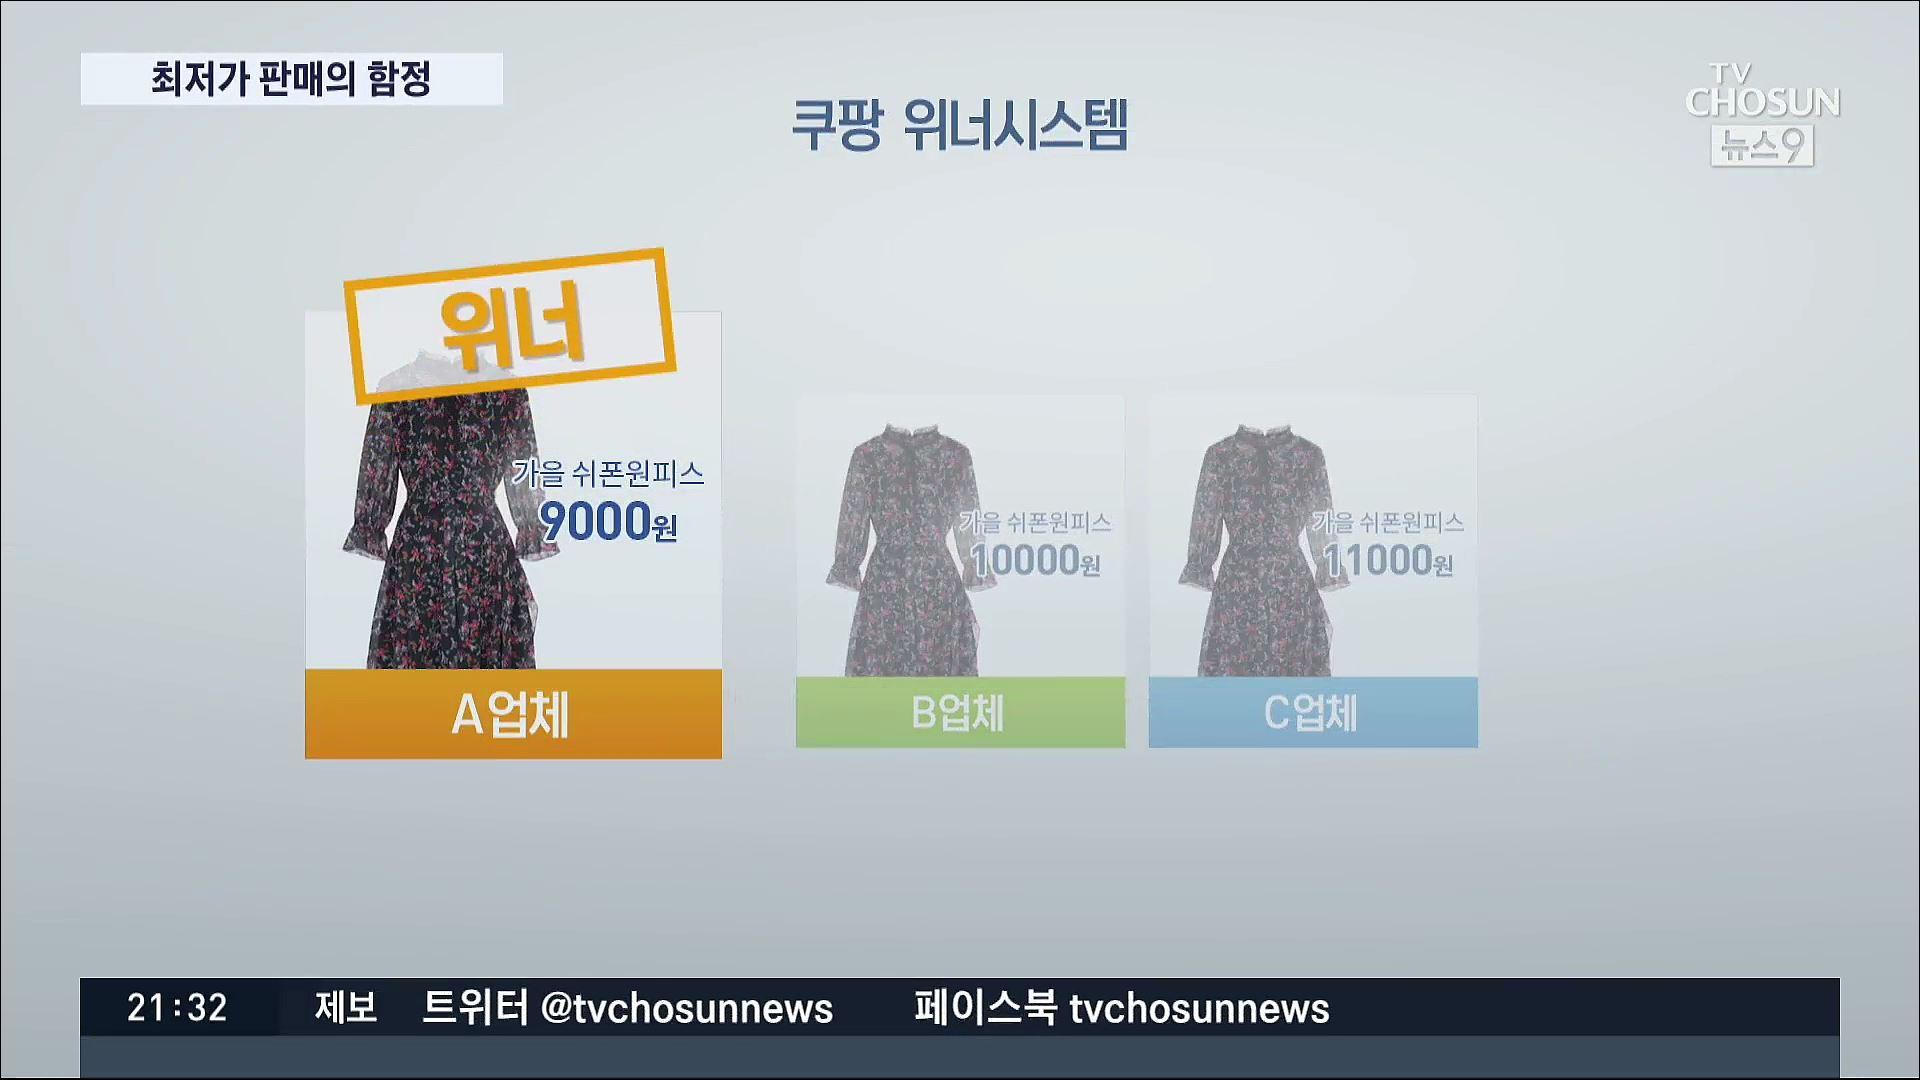 [CSI] 쿠팡 '위너'의 함정…'남의 광고 이용에 엉뚱한 상품 배송도'